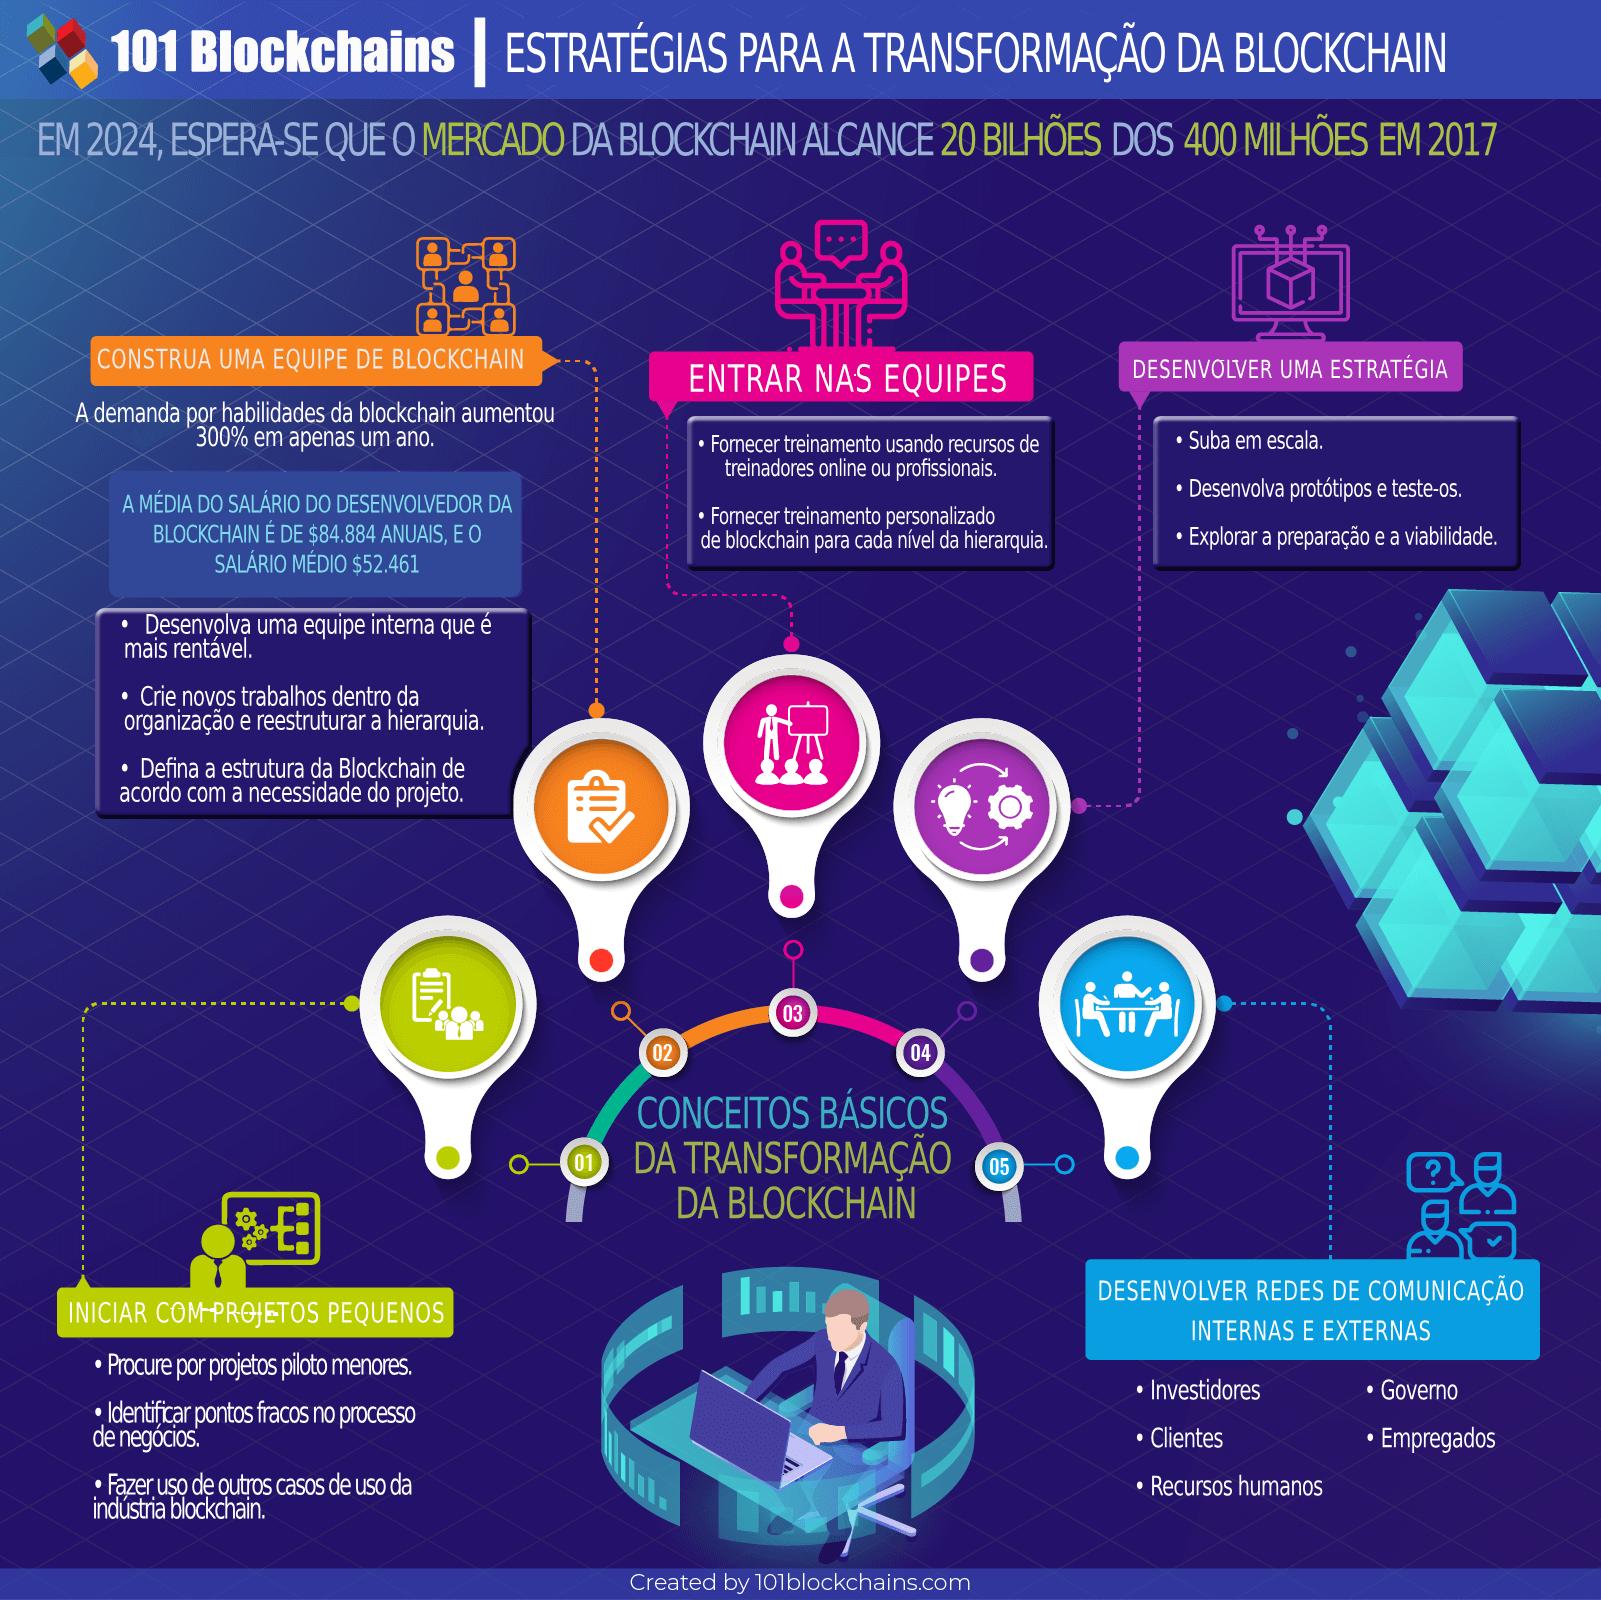 Estratégias para a Transformação da Blockchain